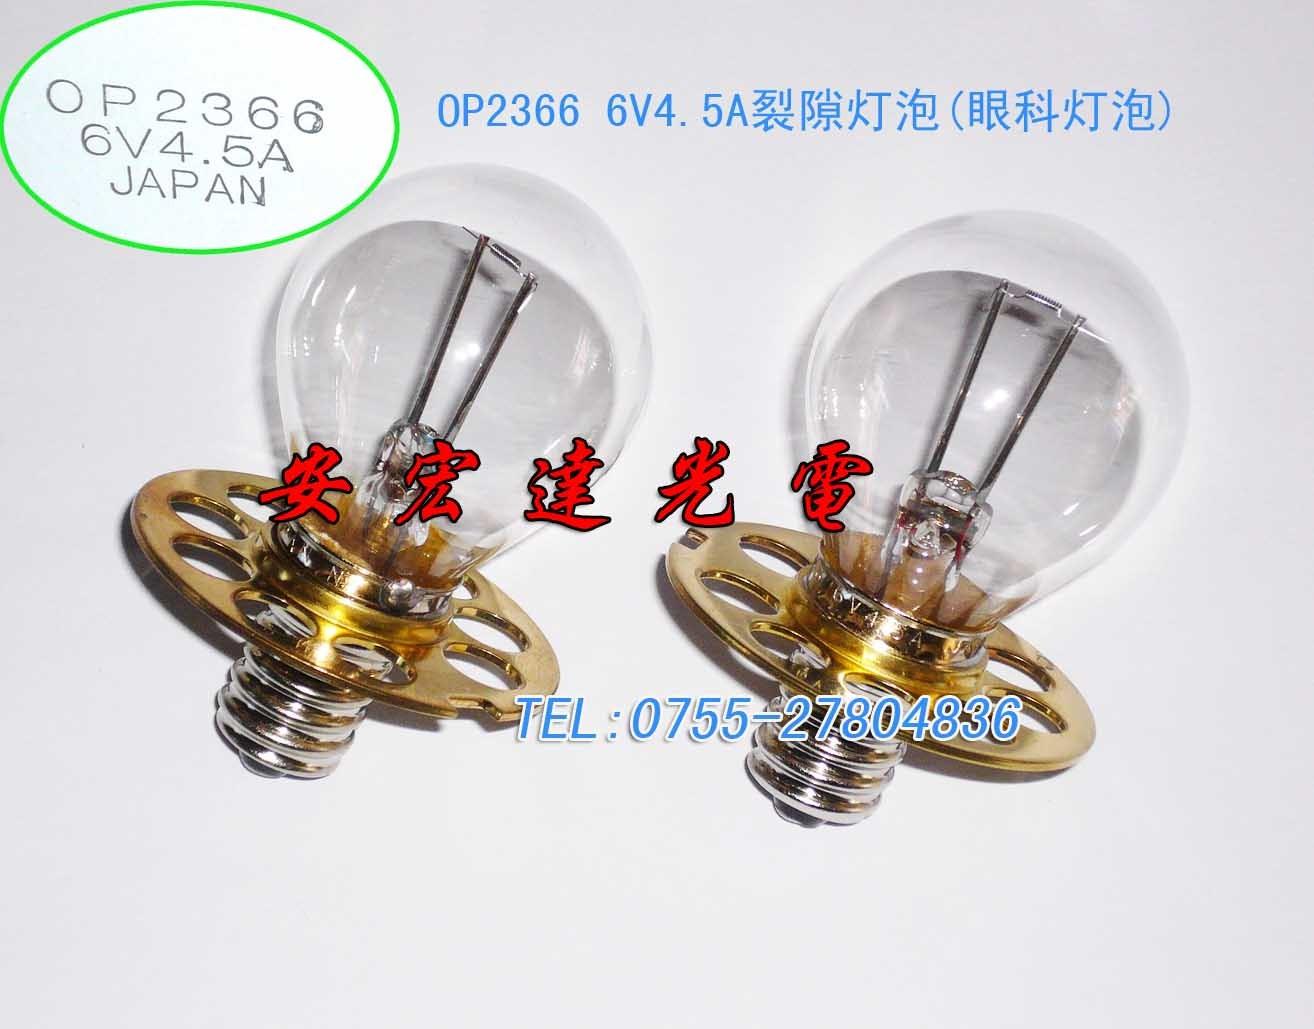 Hs900-930 Slit Lamp Light Bulb Hs366 6v 4.5a tuffstuff ppl 930